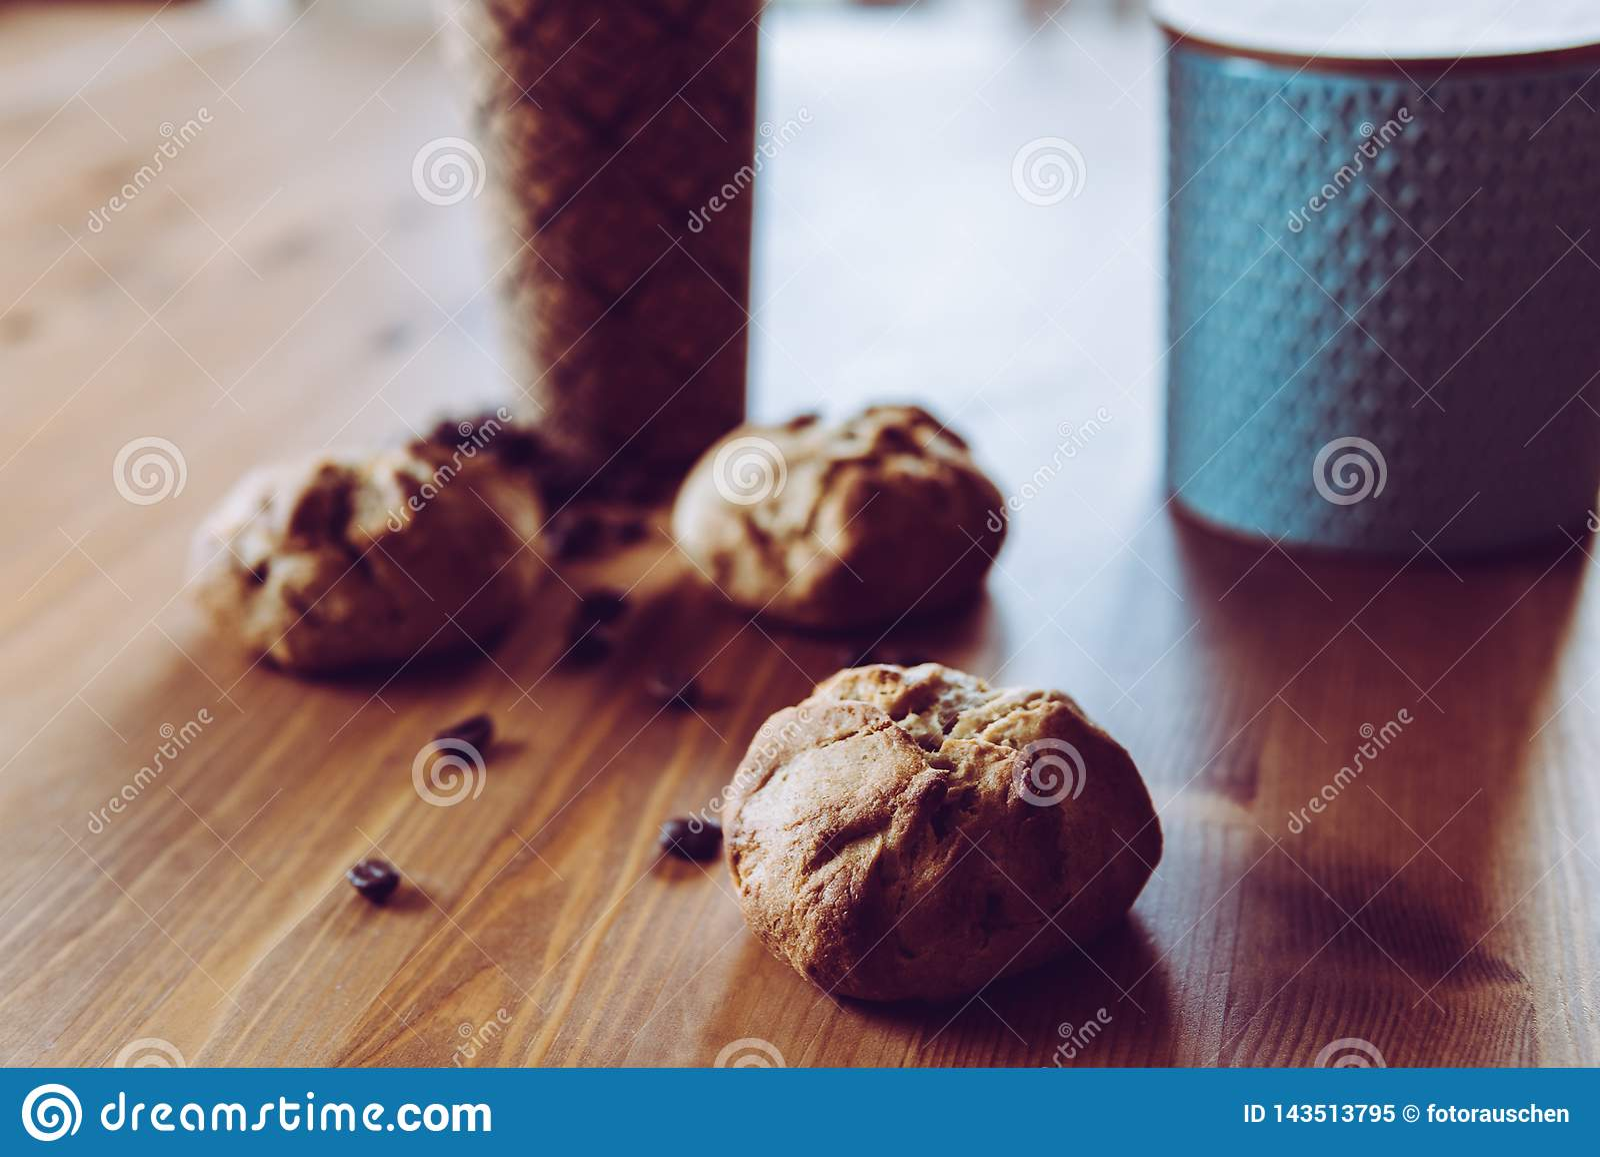 Een snel ontbijt - brood en koffie